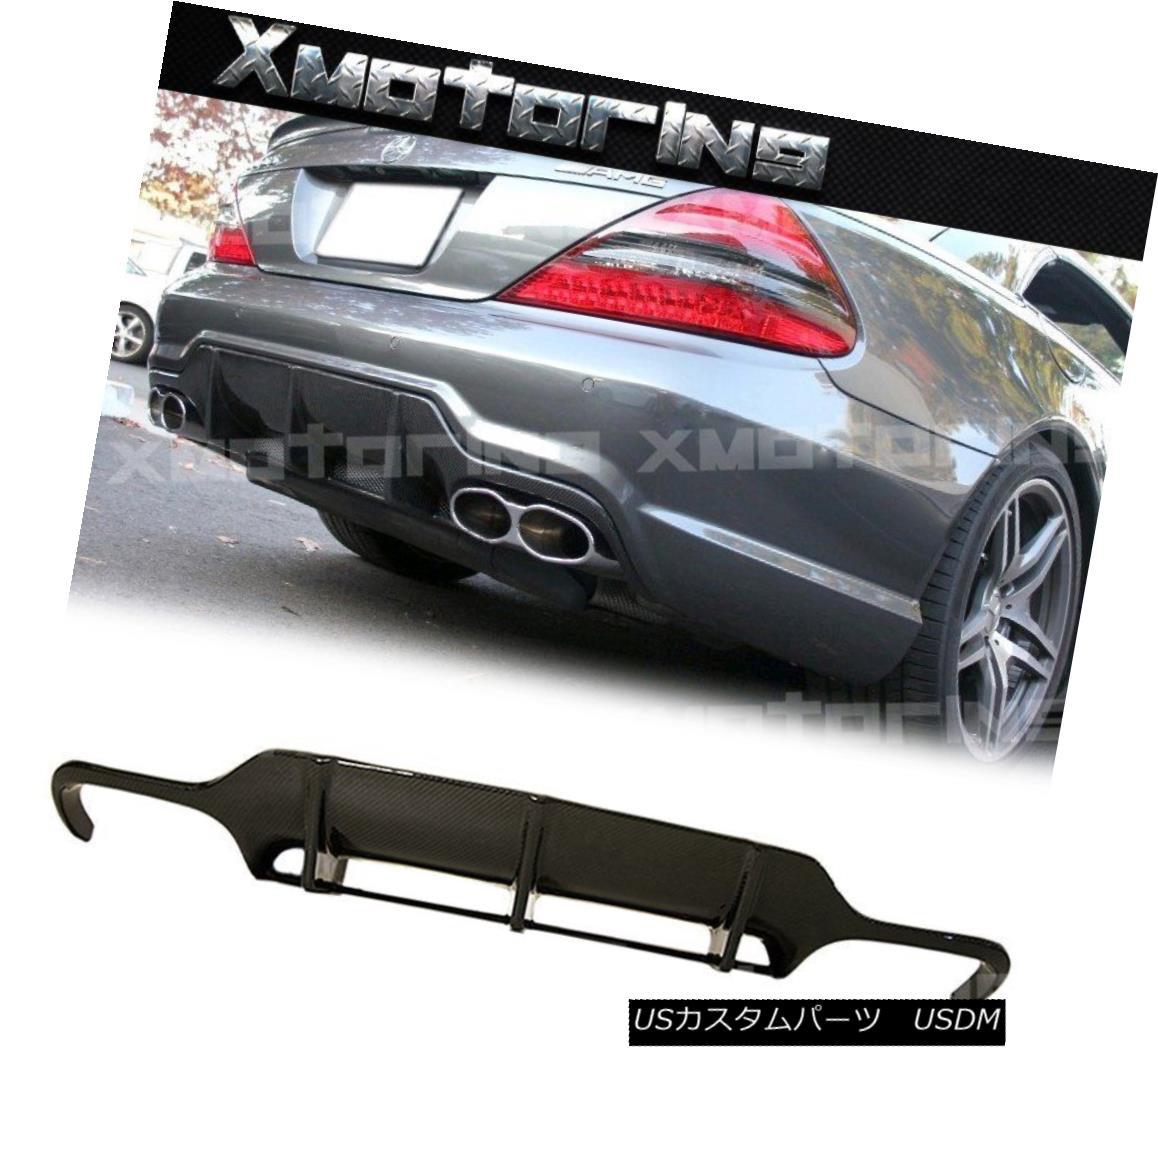 エアロパーツ For 2009-2012 BENZ R230 SL63 AMG Rear Bumper Replaced Lip Carbon Fiber Diffuser 2009-2012ベンツR230 SL63 AMGリアバンパーリップカーボンファイバーディフューザー